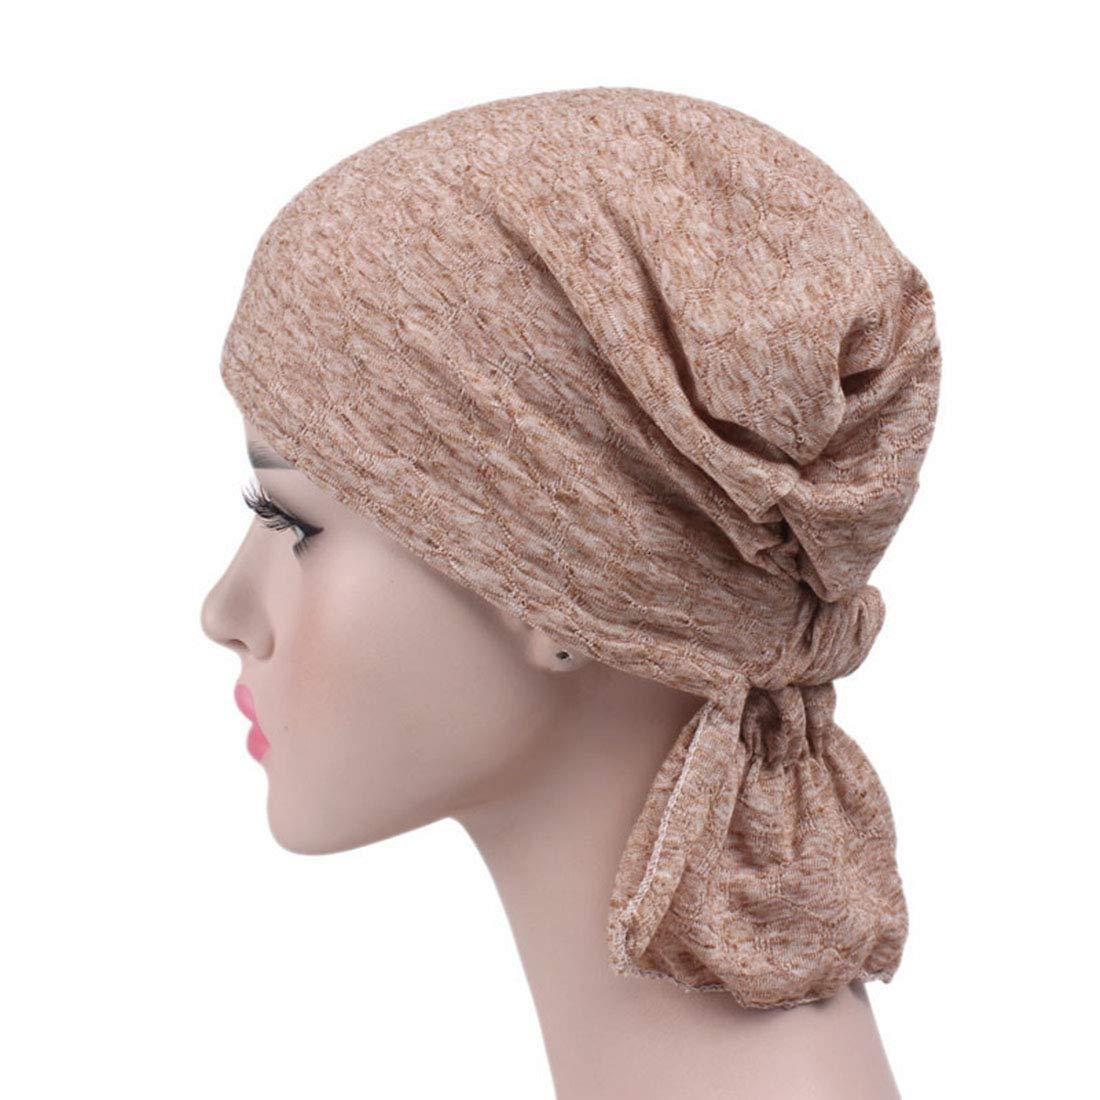 YONKINY Cappello Turbante da Donna Copricapo Turbante in Cotone Traspirante Copricapo Chemo Cuffia da notte Headwear Turbante per chemioterapia